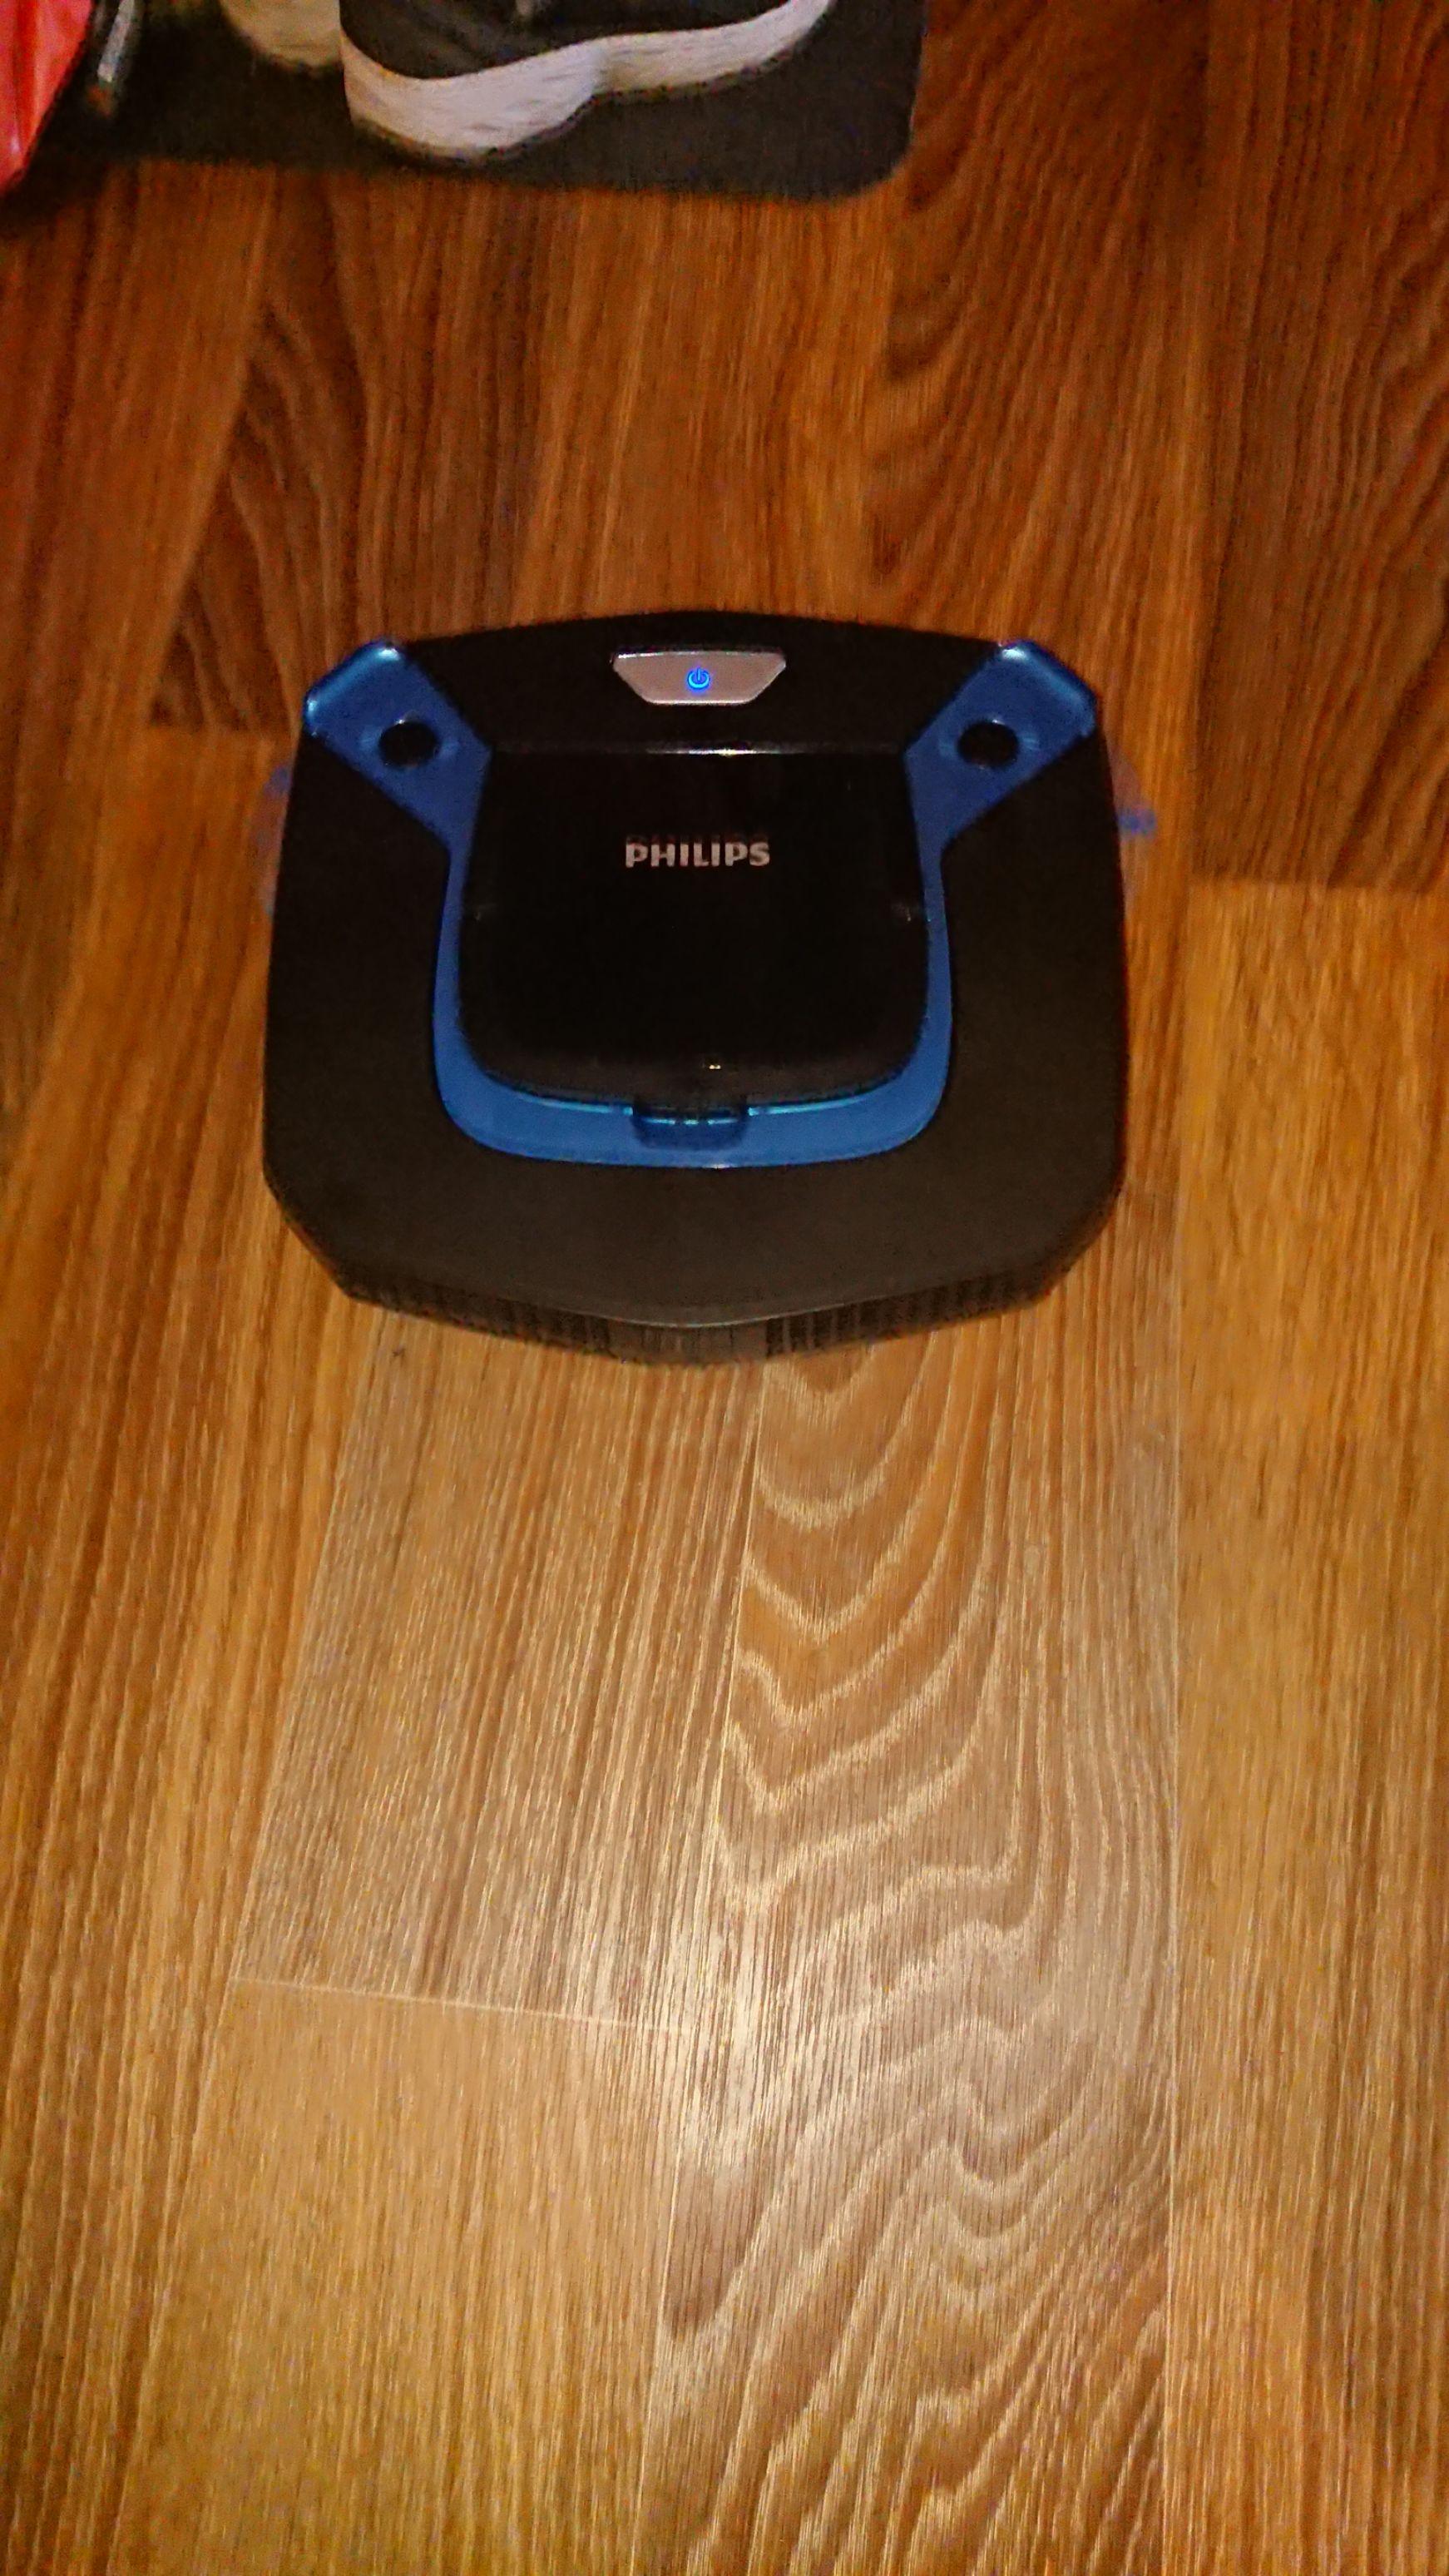 Обзор робота пылесоса philips smartpro easy fc8794: про веник и швабру можно забыть!